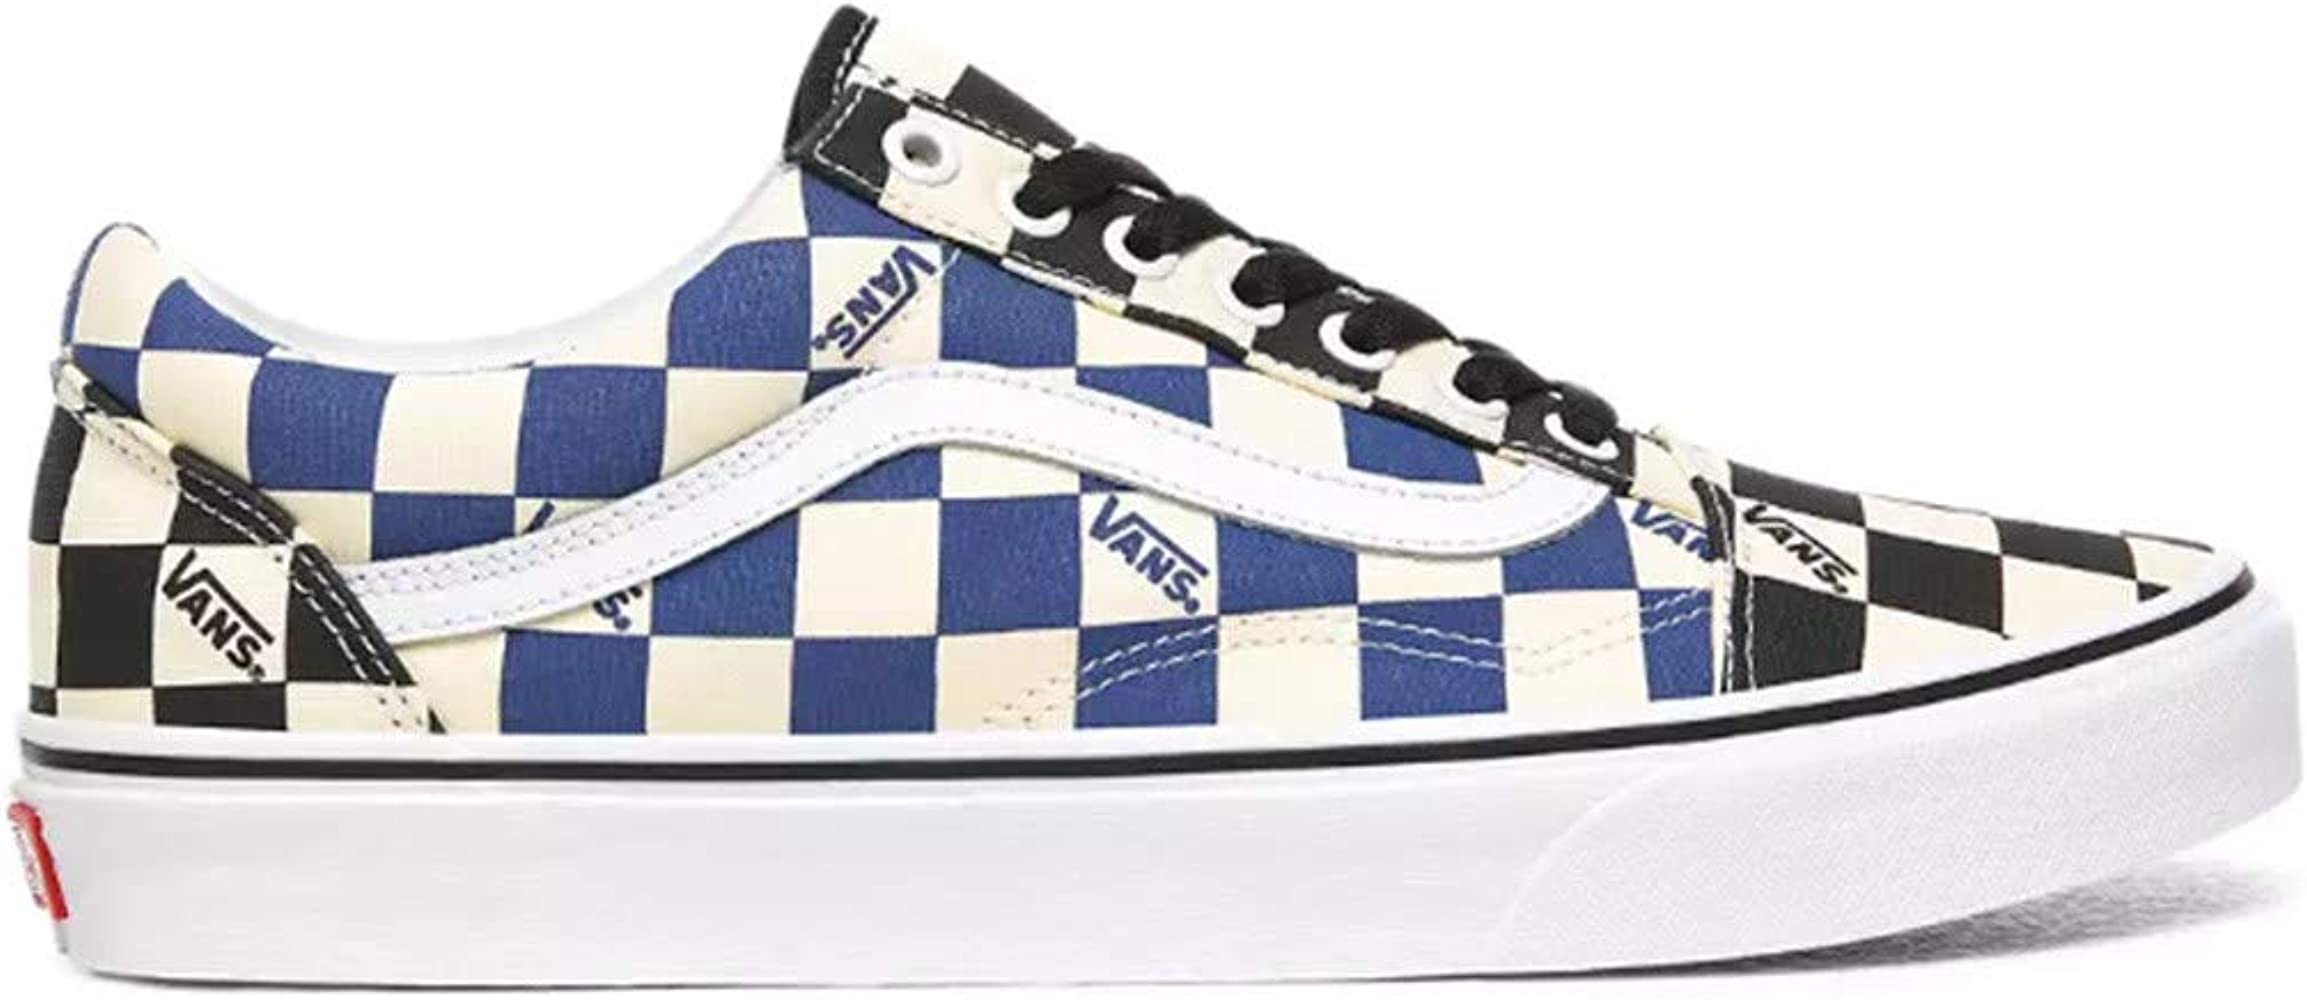 big 5 vans shoes - 53% remise - www